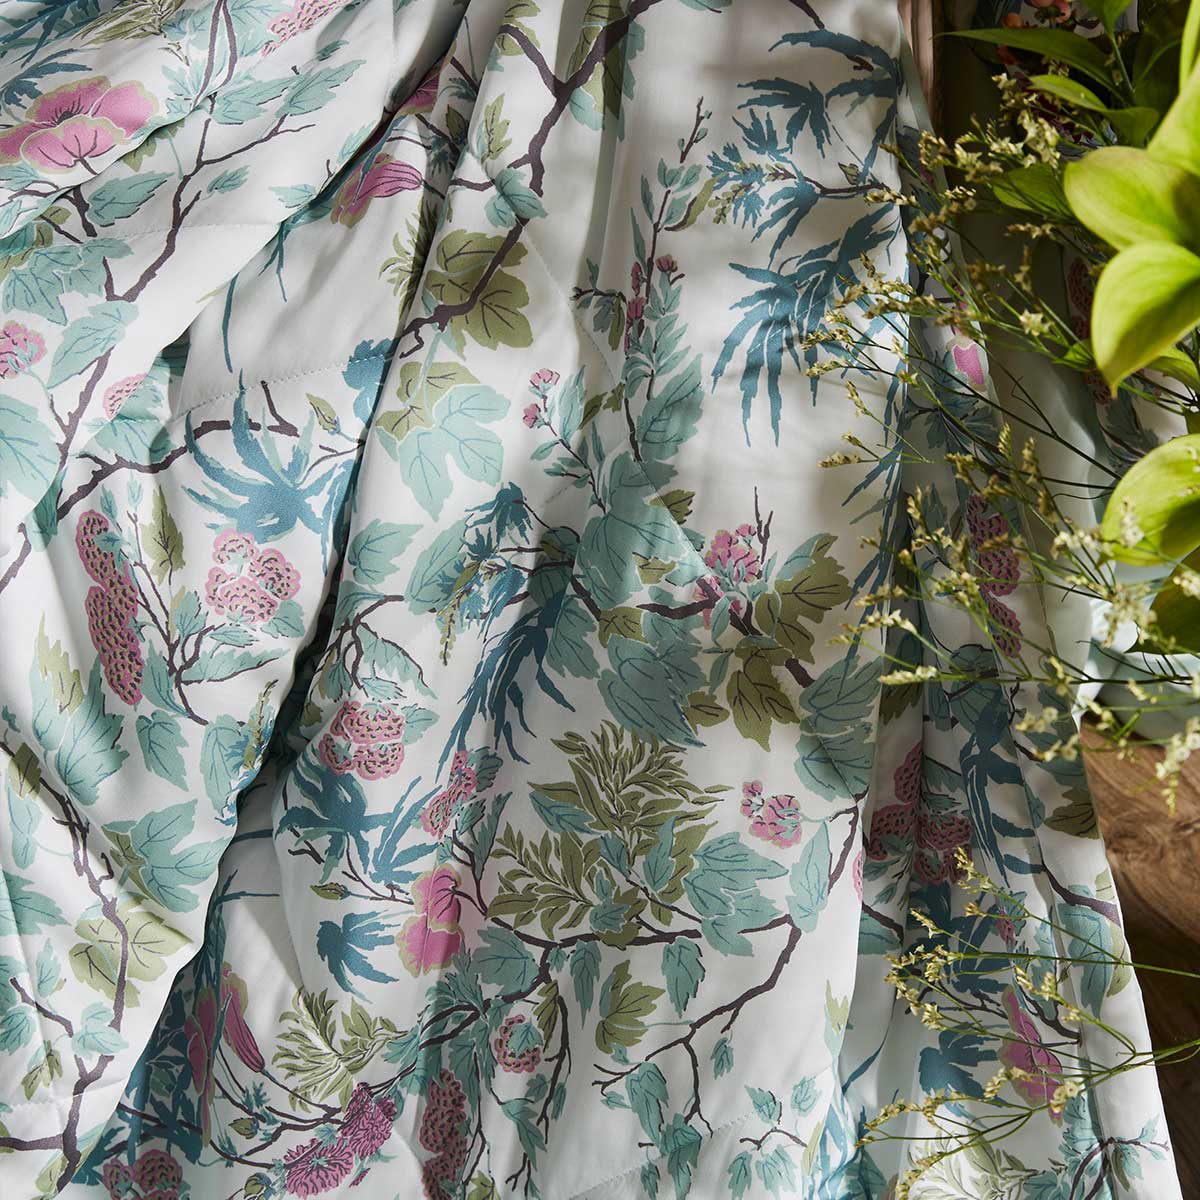 SHERIDAN澳洲家纺品牌高档天丝舒适亲肤凉爽夏凉被空调被子6901486750325